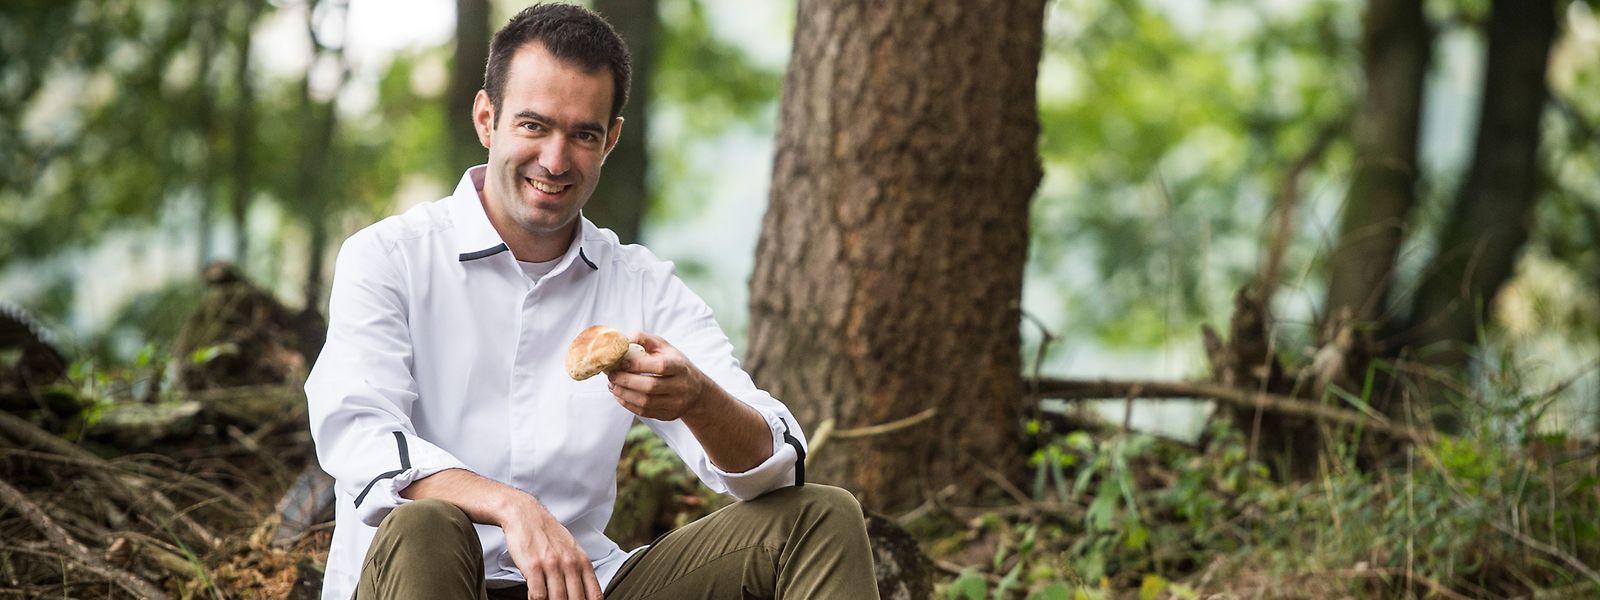 """Sternekoch Maxime Collard aus Our zählt zum Verbund """"Generation W"""", der sich für regionale Produkte stark macht."""